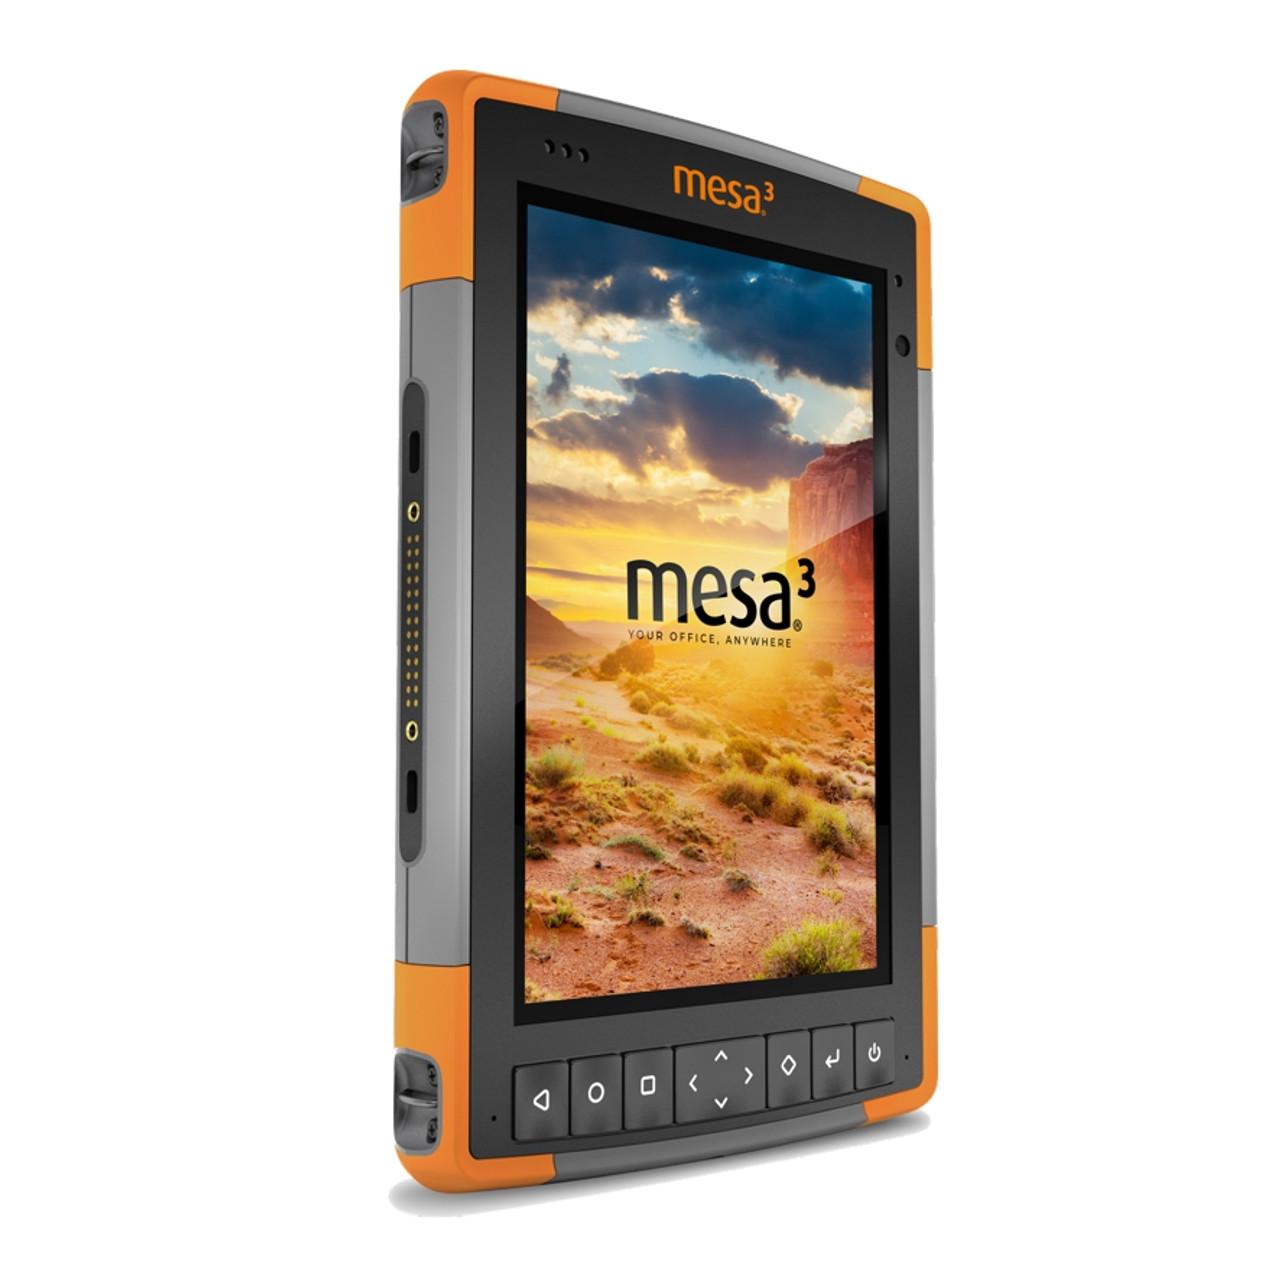 Juniper Systems Mesa 3 rugged tablet